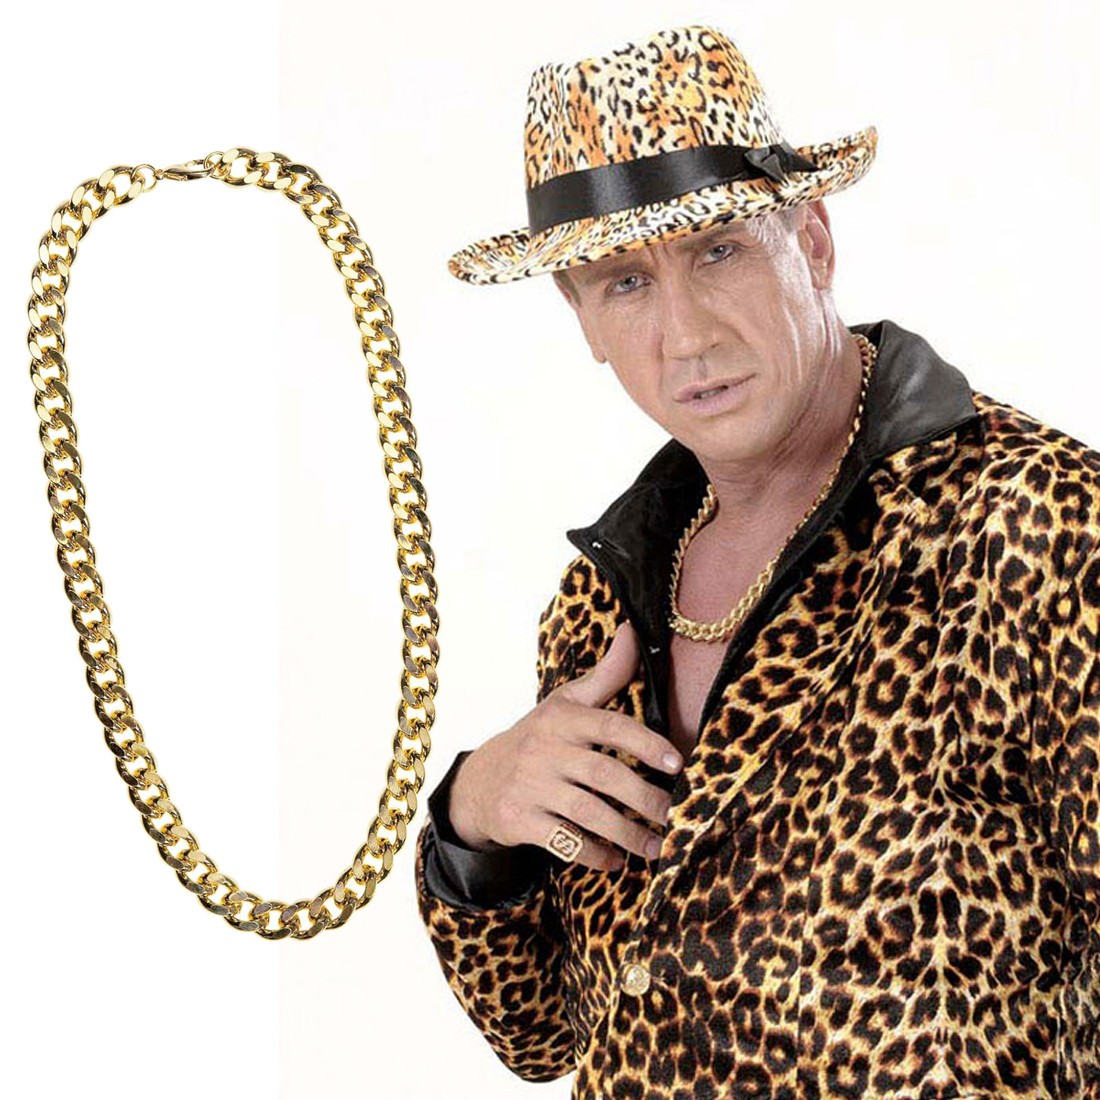 Goldkette gangster  Goldkette und Goldarmband Halskette Pokerarmband gold, 9,99 €